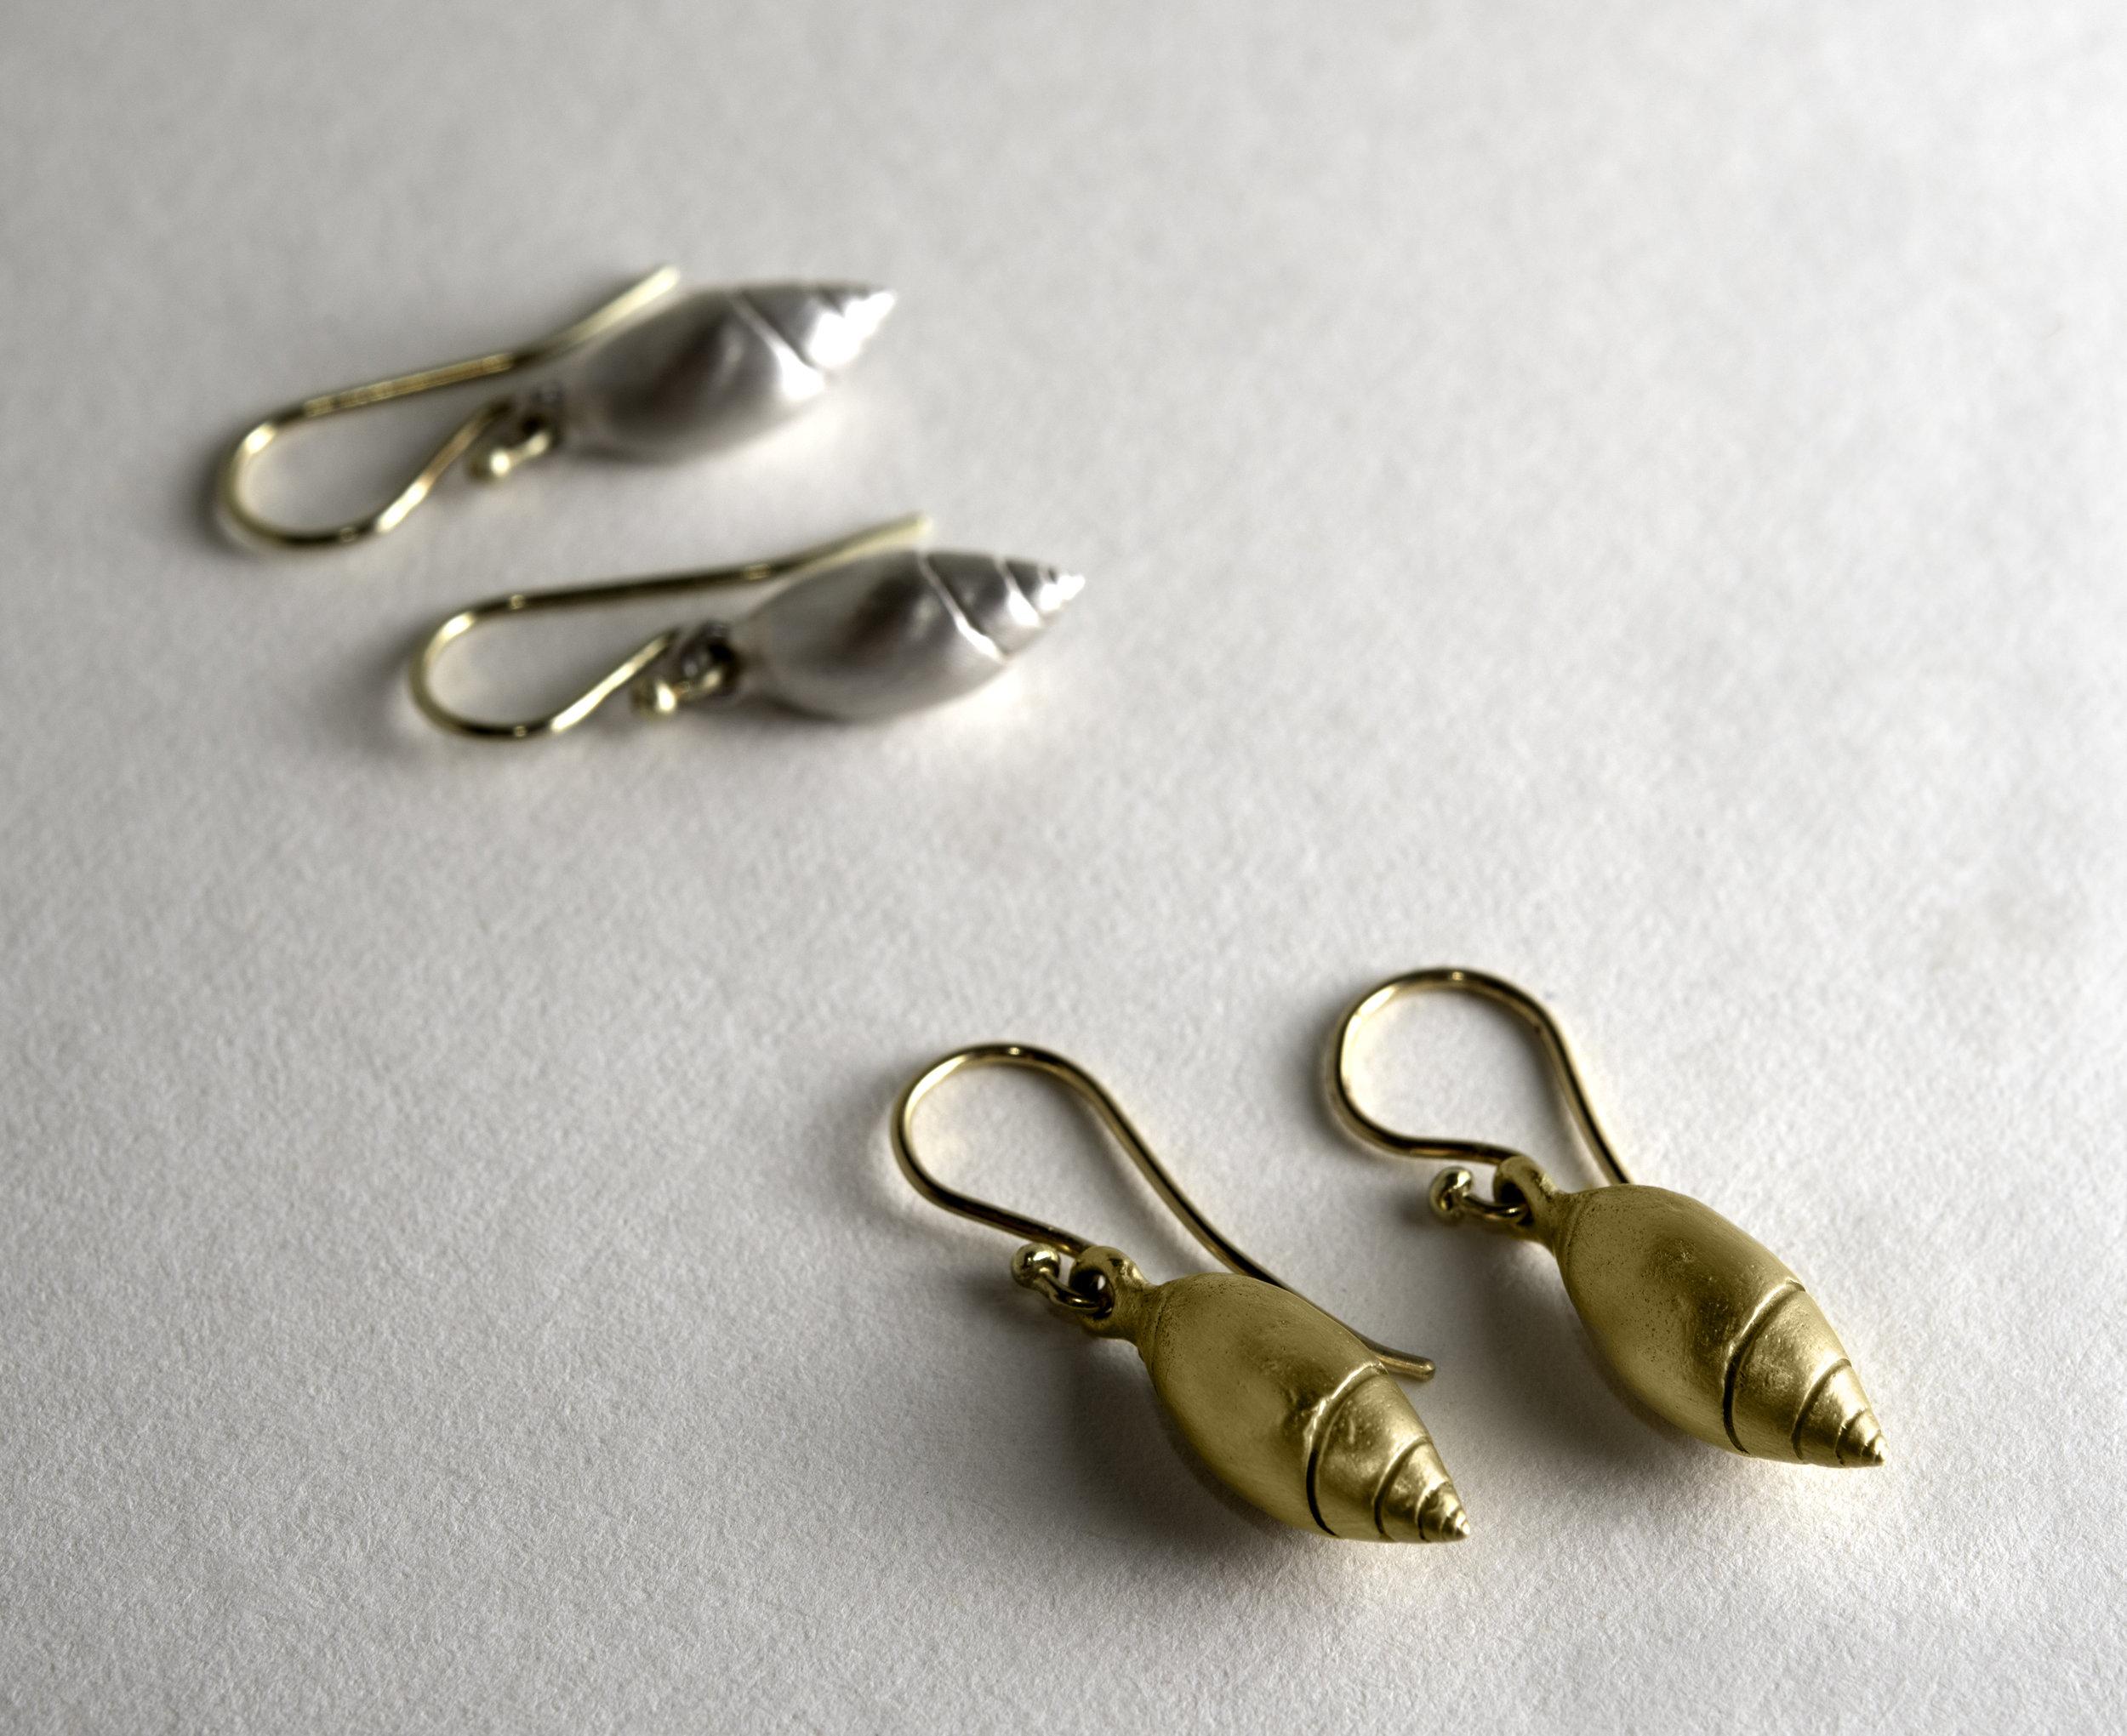 20Kt /14Kt Sterling Silver Shell Earrings